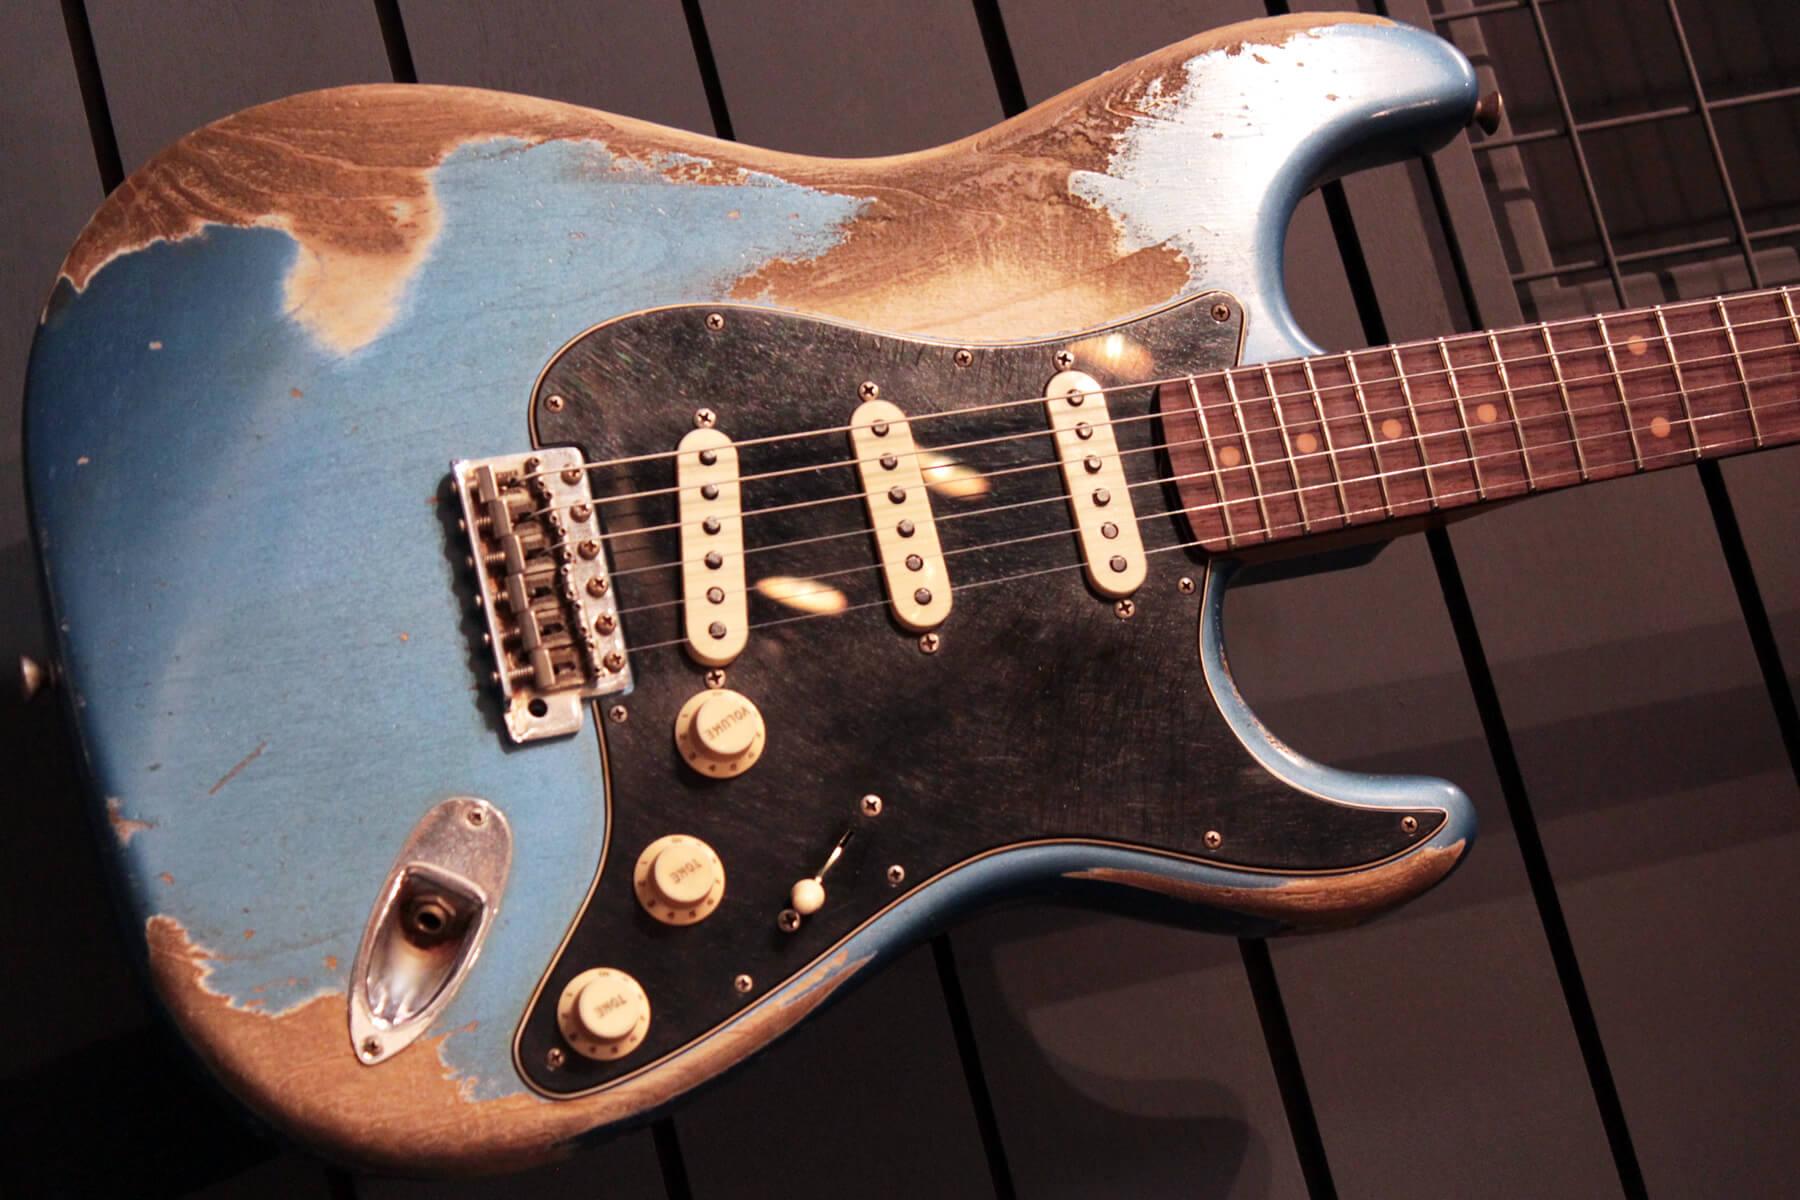 フェンダーカスタムショップ:60 Stratocaster Heavy Relic